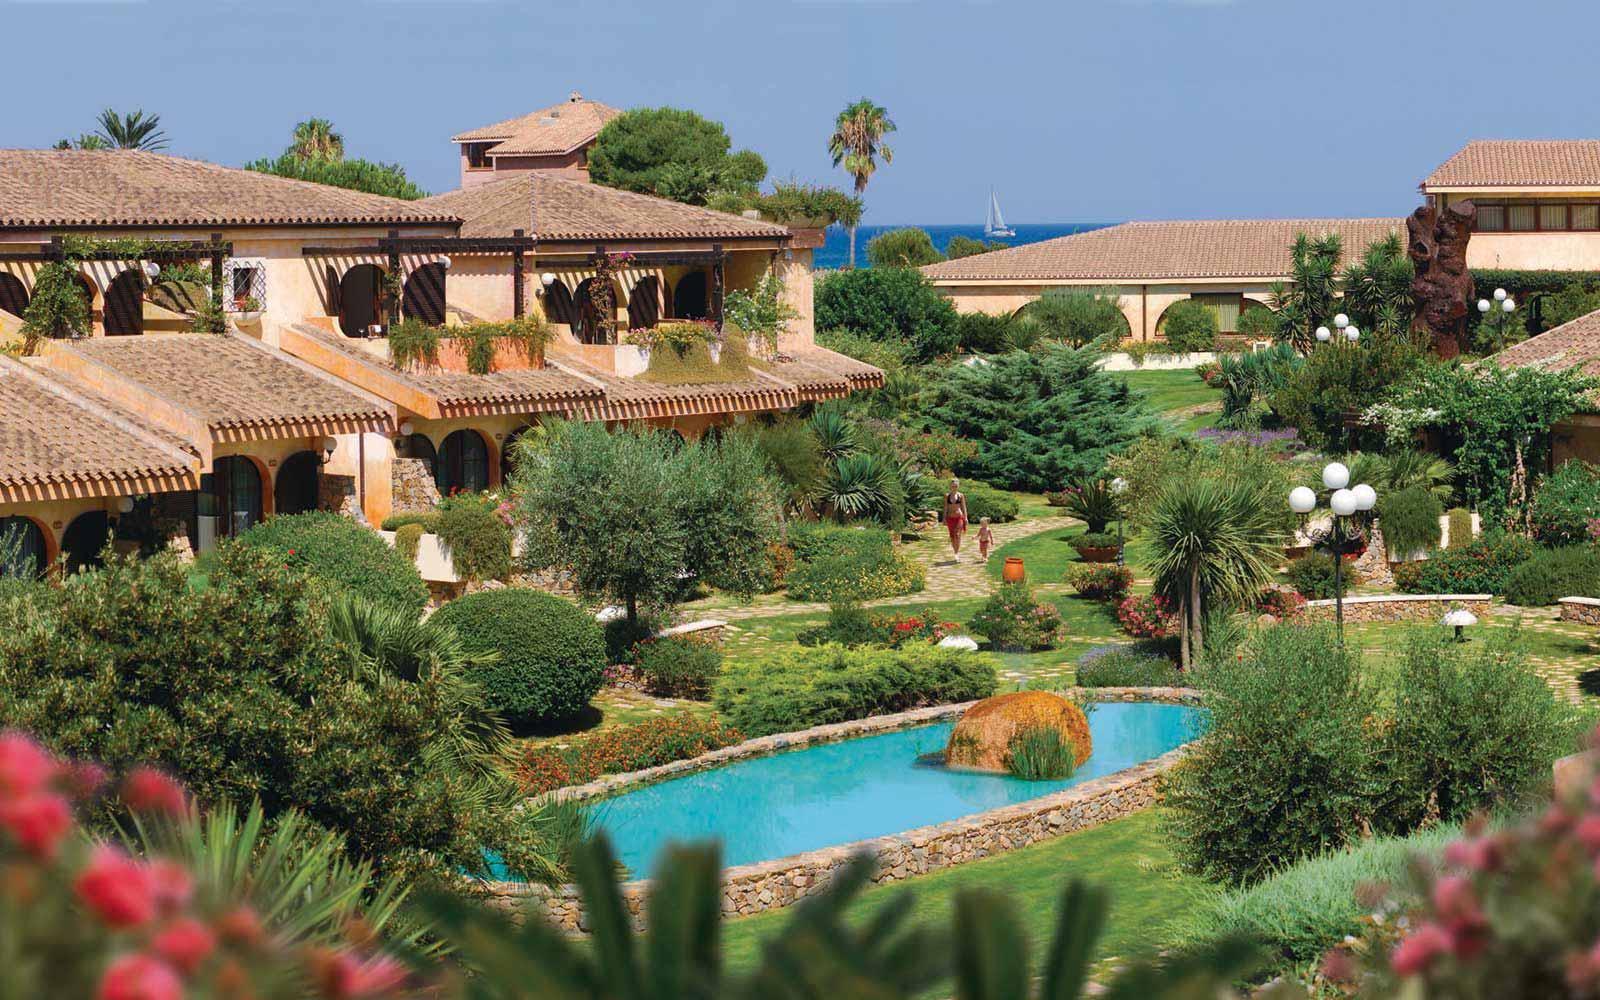 Gardens at Hotel Baia Di Nora